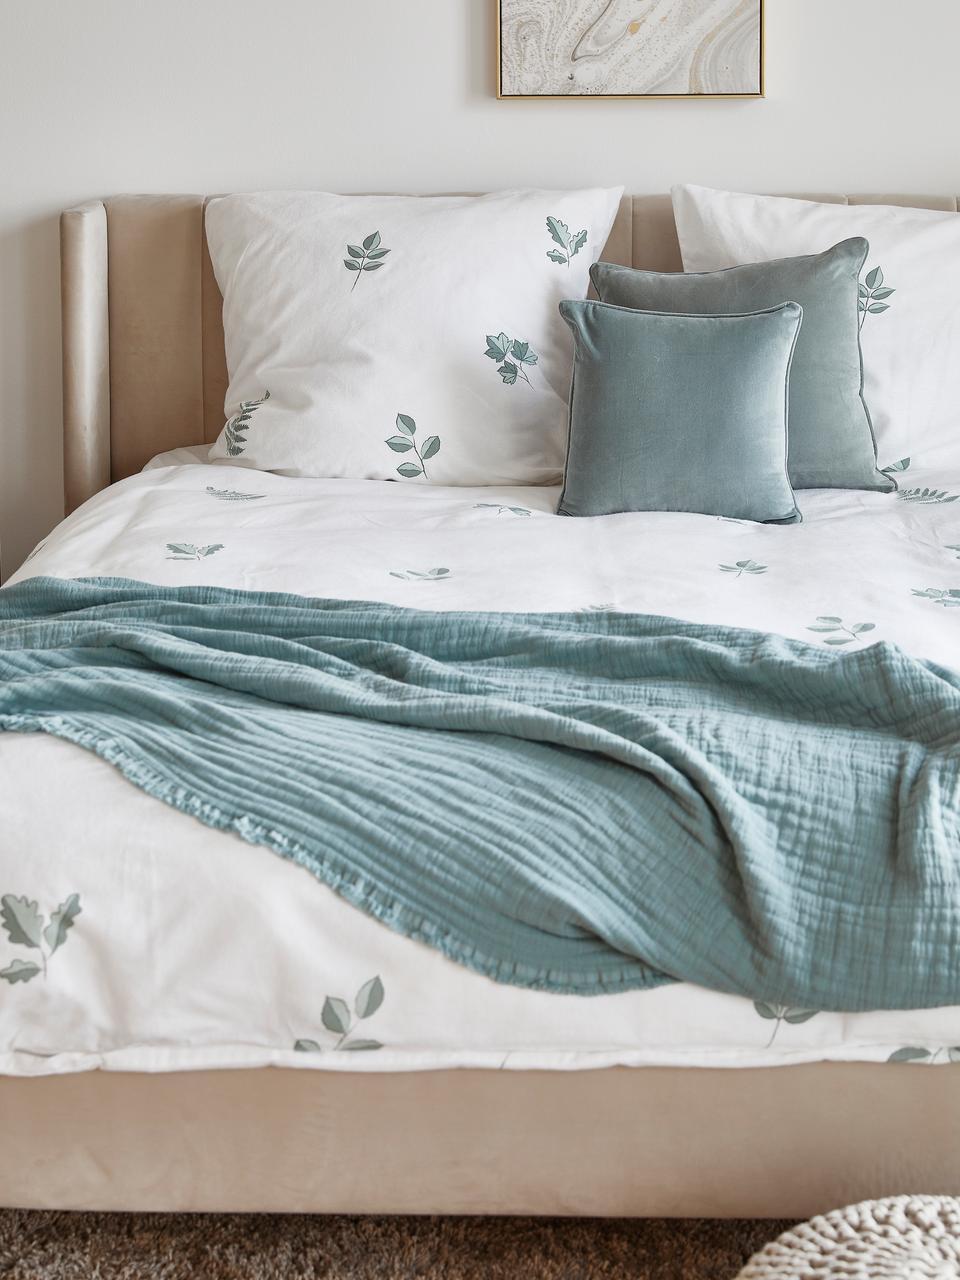 Flanell-Bettwäsche Fraser mit winterlichem Blattmuster, Webart: Flanell Flanell ist ein k, Salbeigrün, Weiss, 155 x 220 cm + 1 Kissen 80 x 80 cm